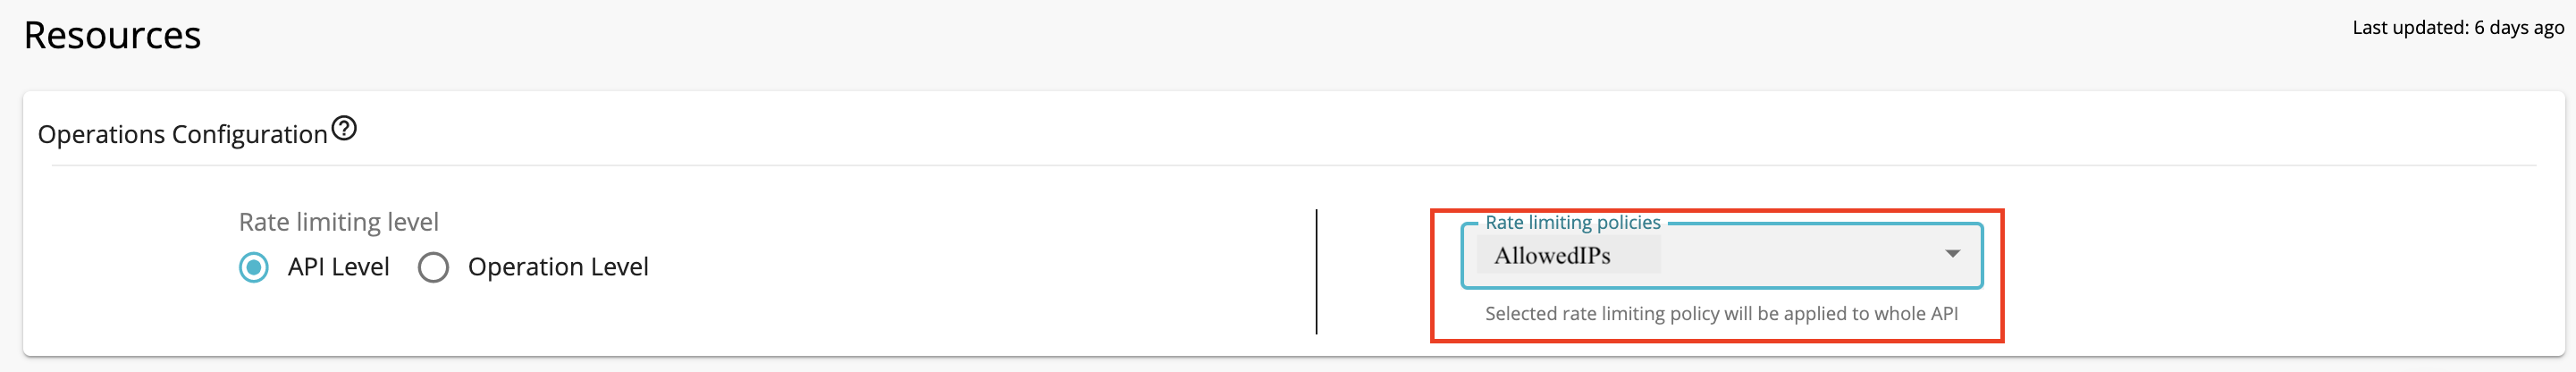 Apply allowlist to API